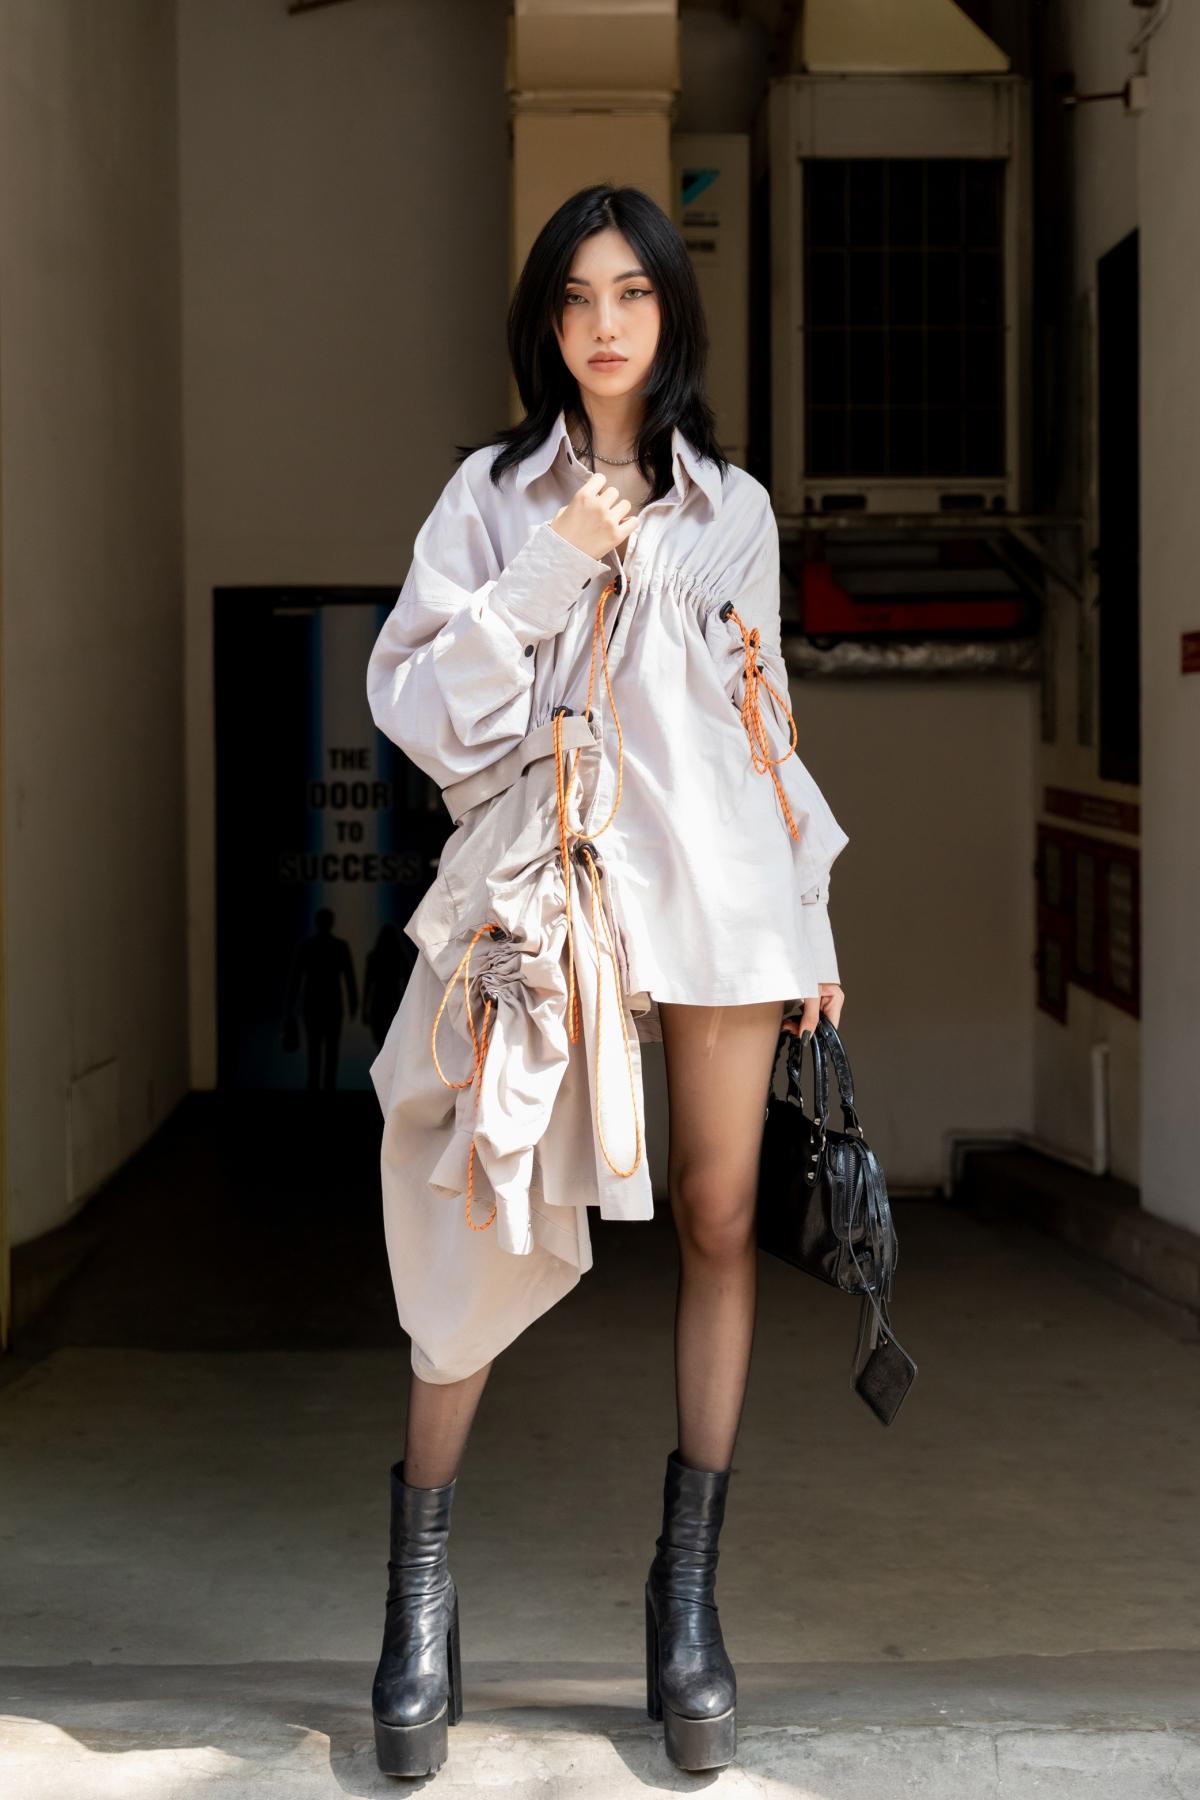 """Trần Hiểu Hân ghi điểm tuyệt đối trong trang phục vest trắng form dài thanh lịch nhưng cũng không kém phần cá tính, giành về giải nhất """"Best Street Style"""" ngày thứ 5."""